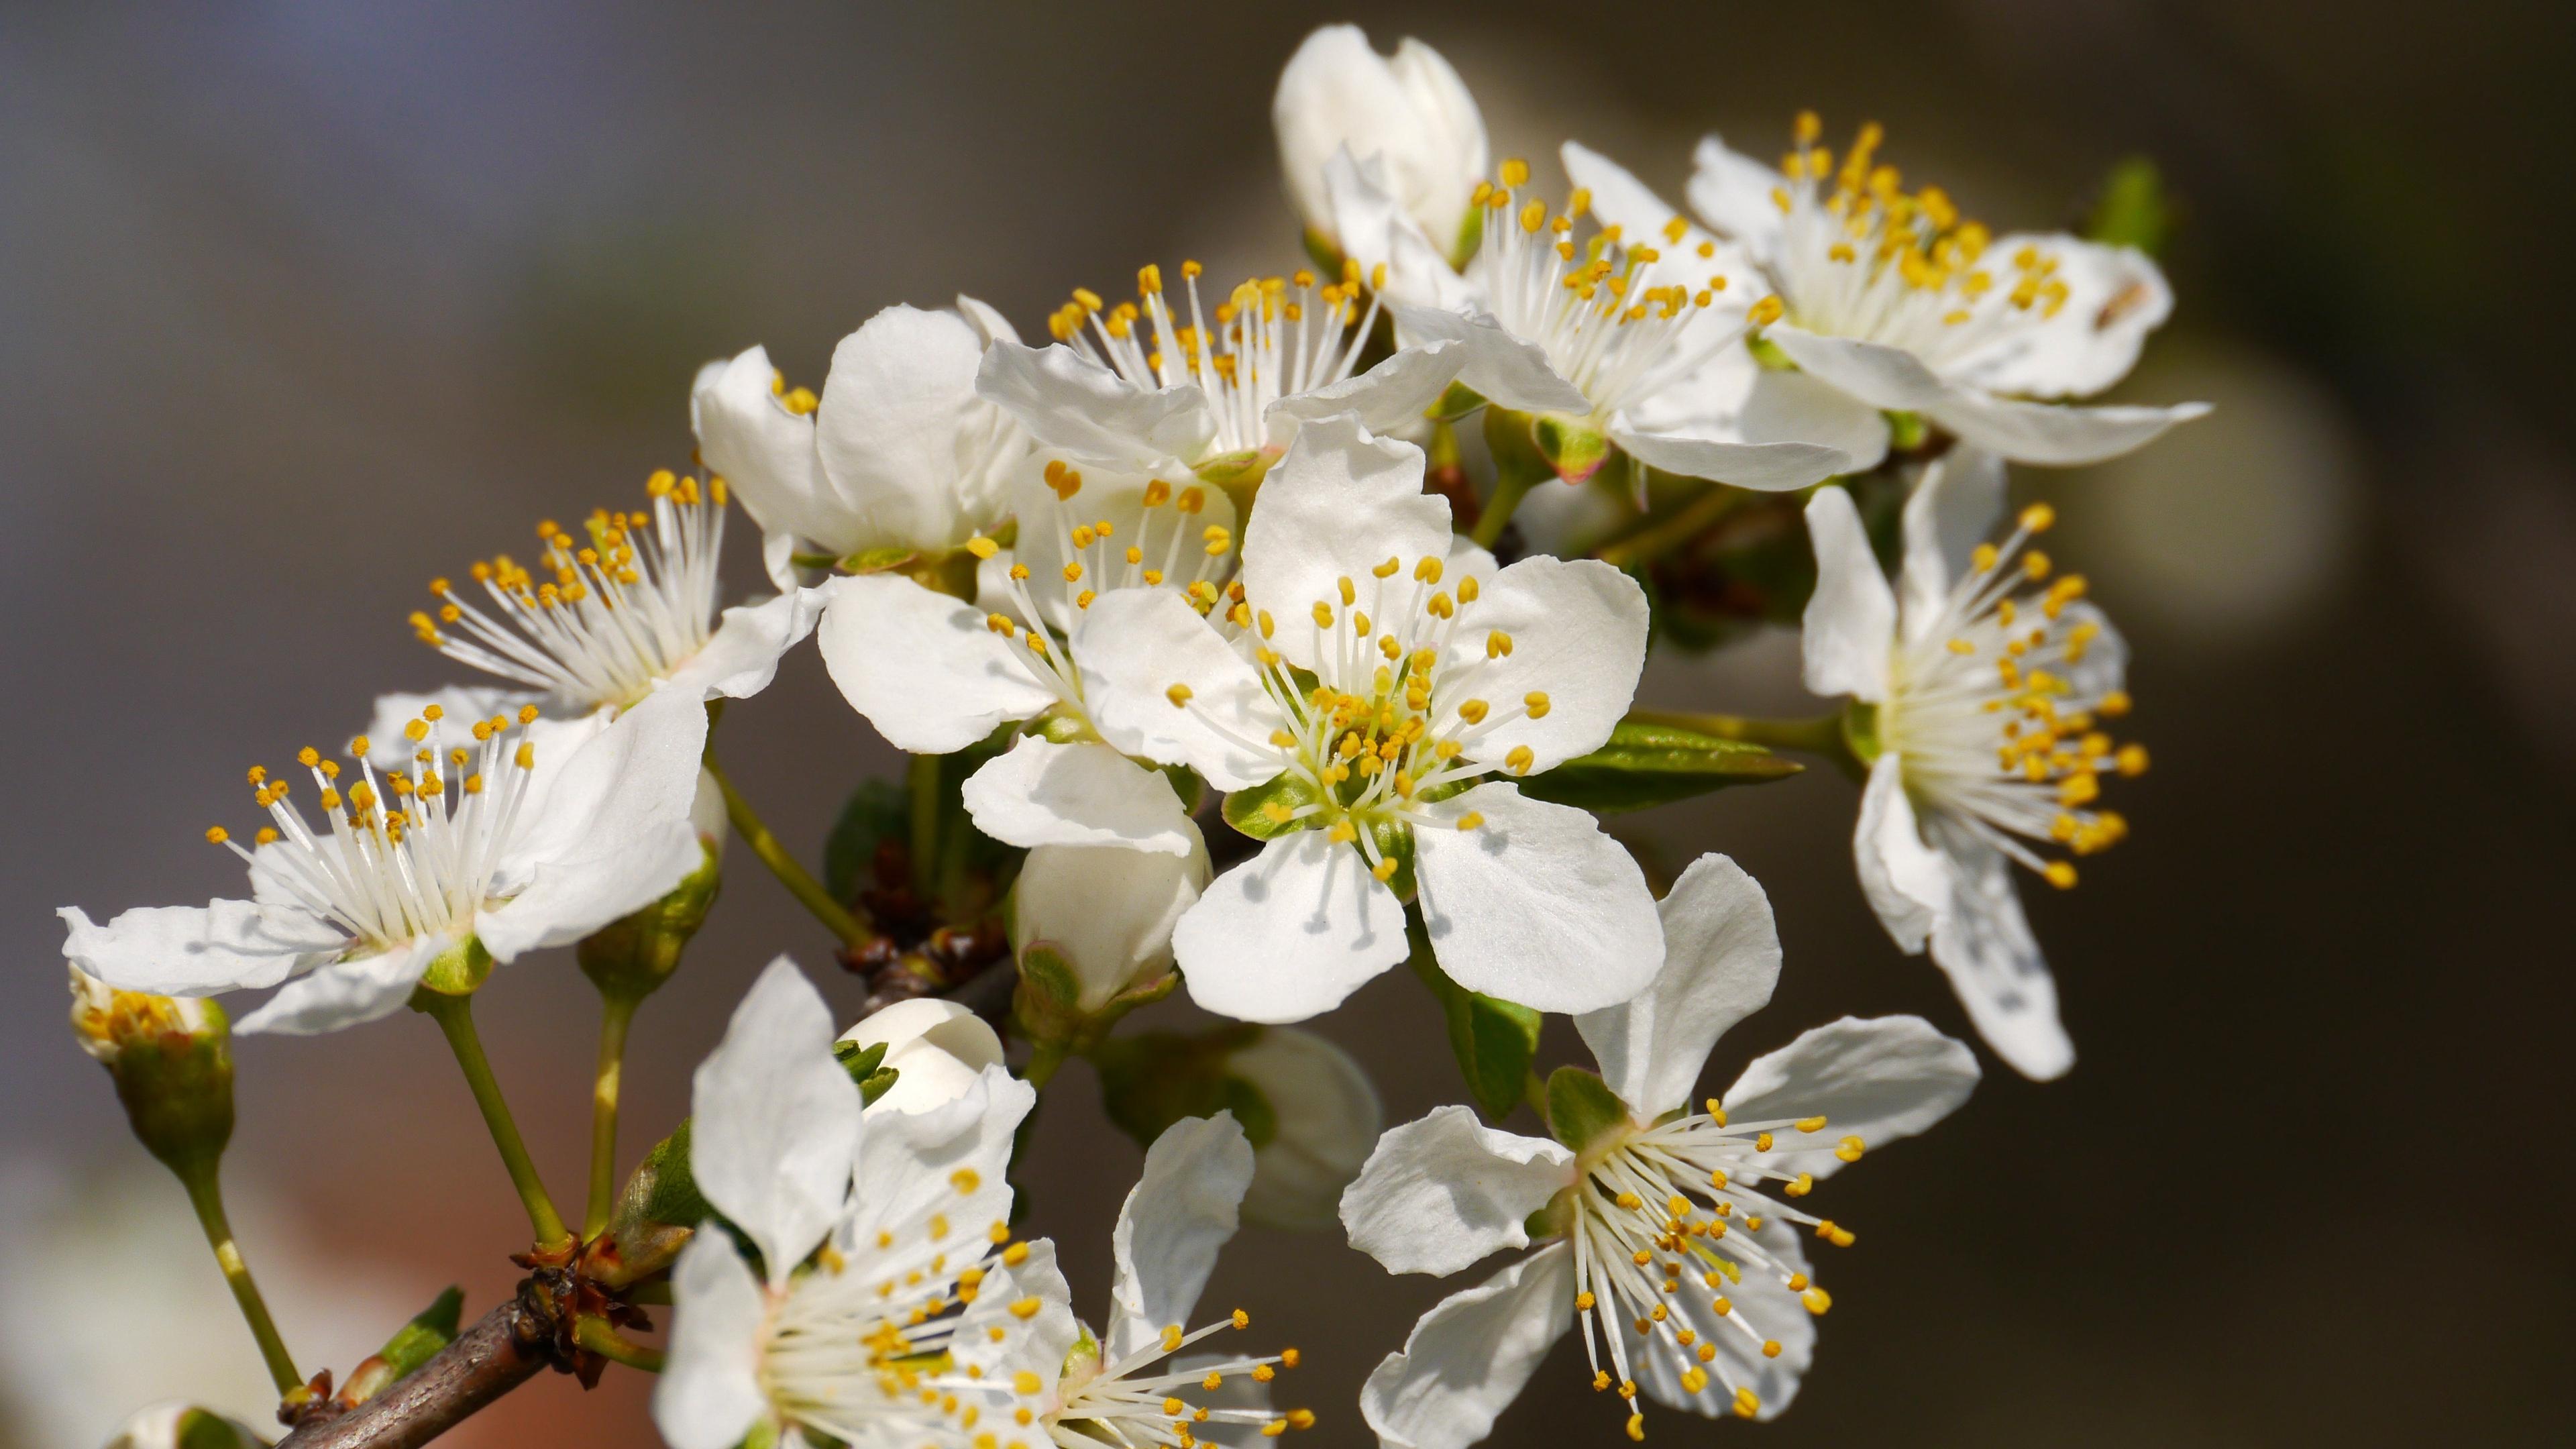 flowers branch flowering spring 4k 1540064888 - flowers, branch, flowering, spring 4k - Flowers, Flowering, branch